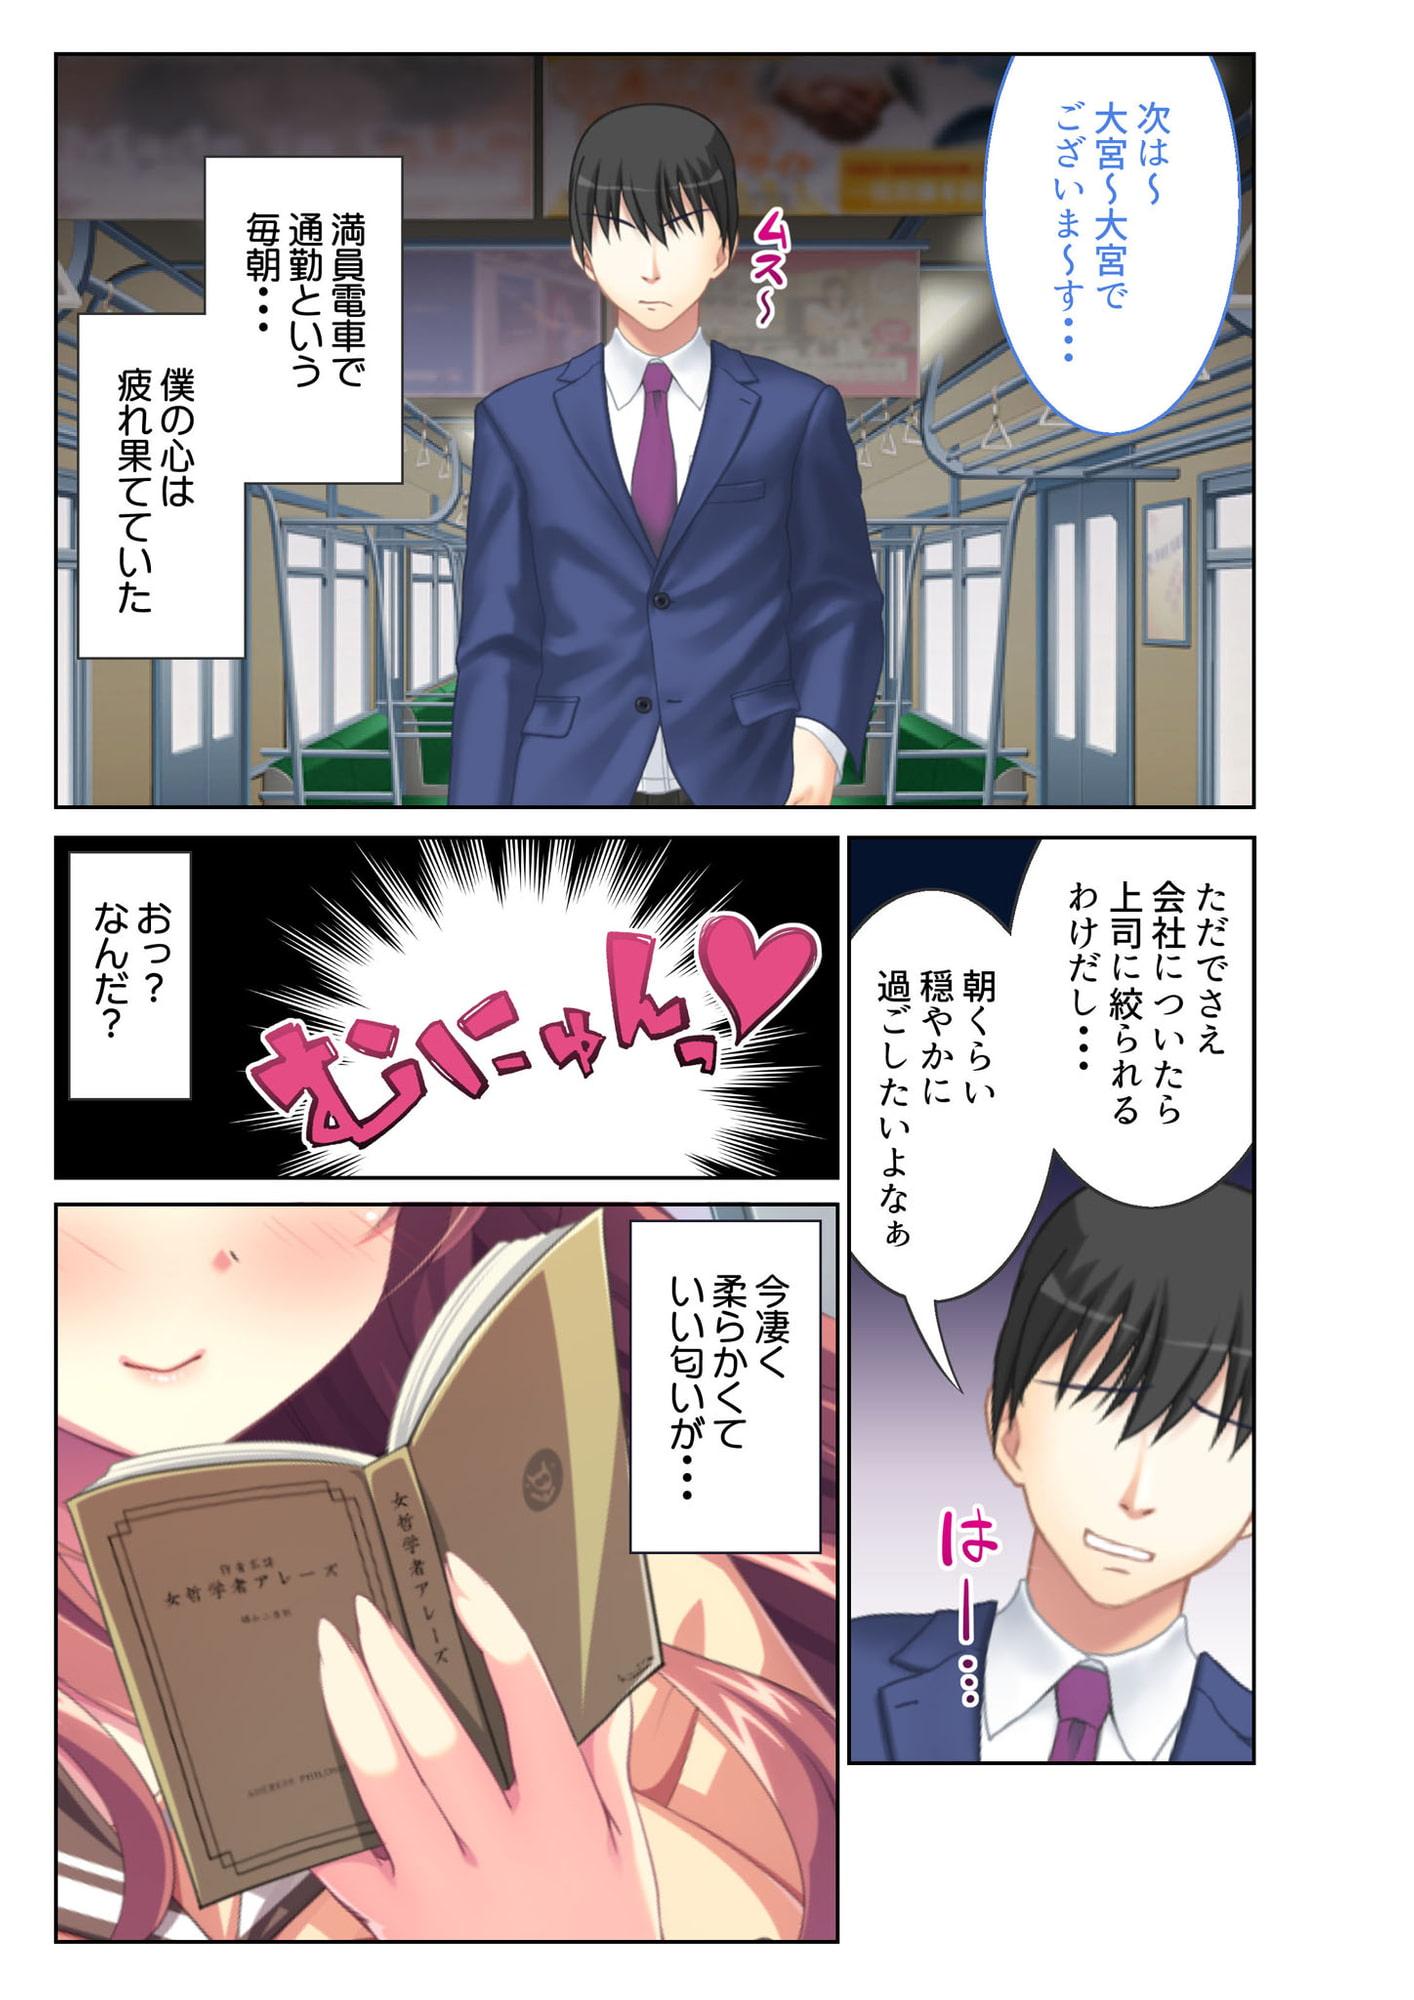 逆ナンJK痴女電車 ~お兄さんの童貞ちょーだい~ フルカラーコミック版